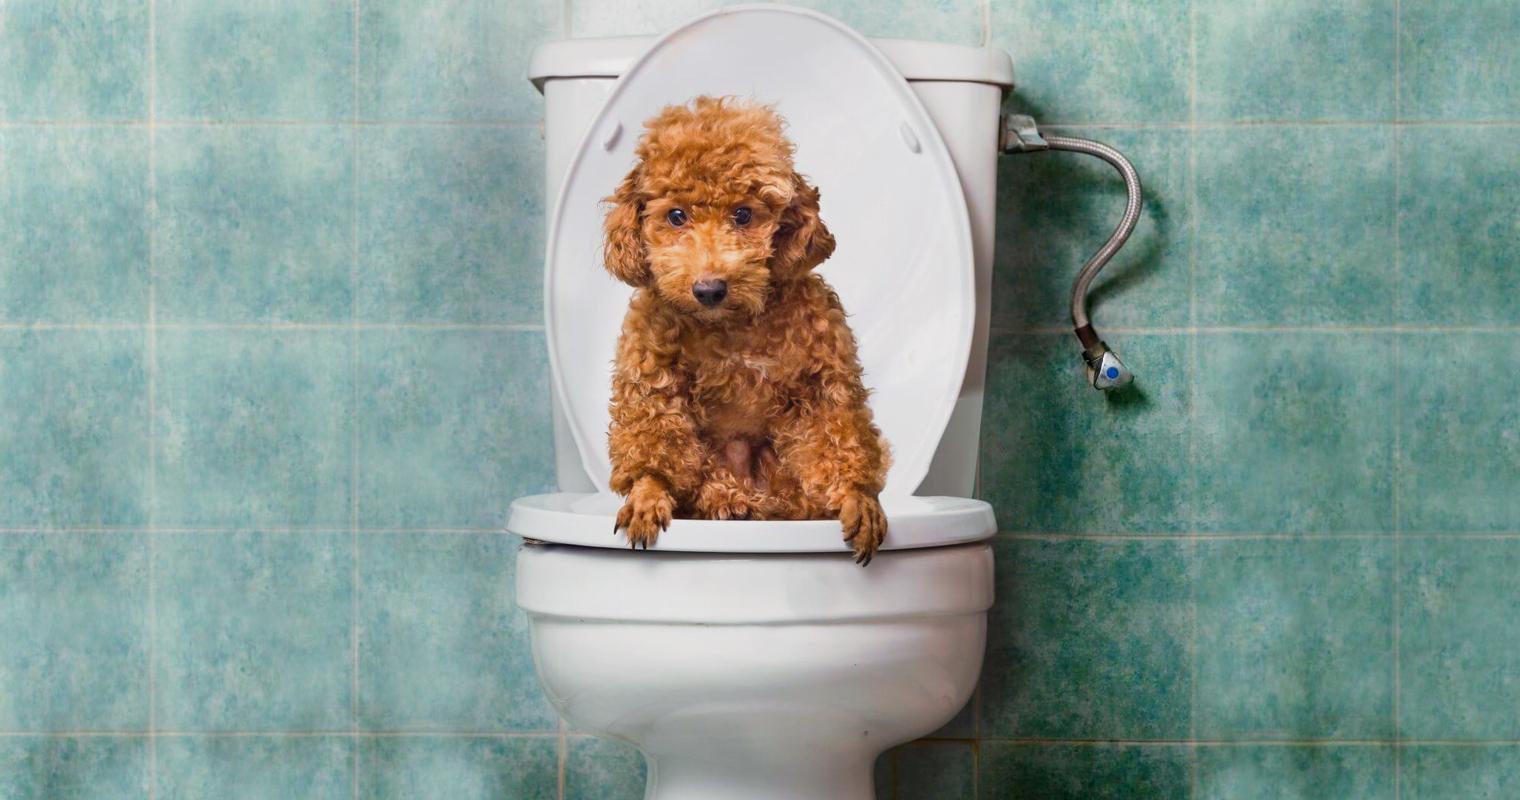 Perro fastidiado de que lo saquen solo al frente aprende a usar el baño